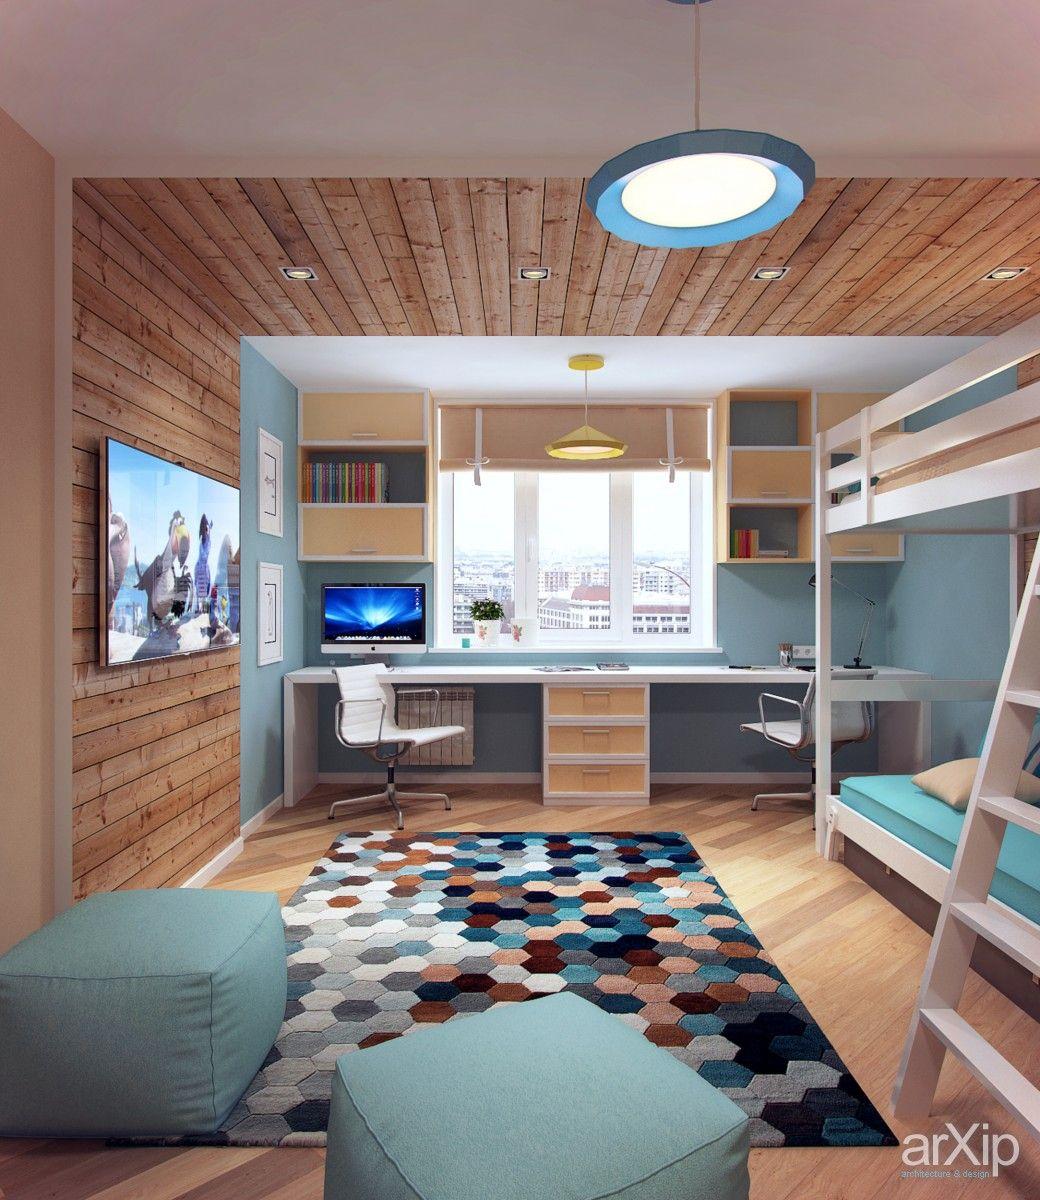 Innenarchitektur für schlafzimmer-tv-einheit Заказать дизайн интерьера лучшие готовые проекты в каталоге с фото